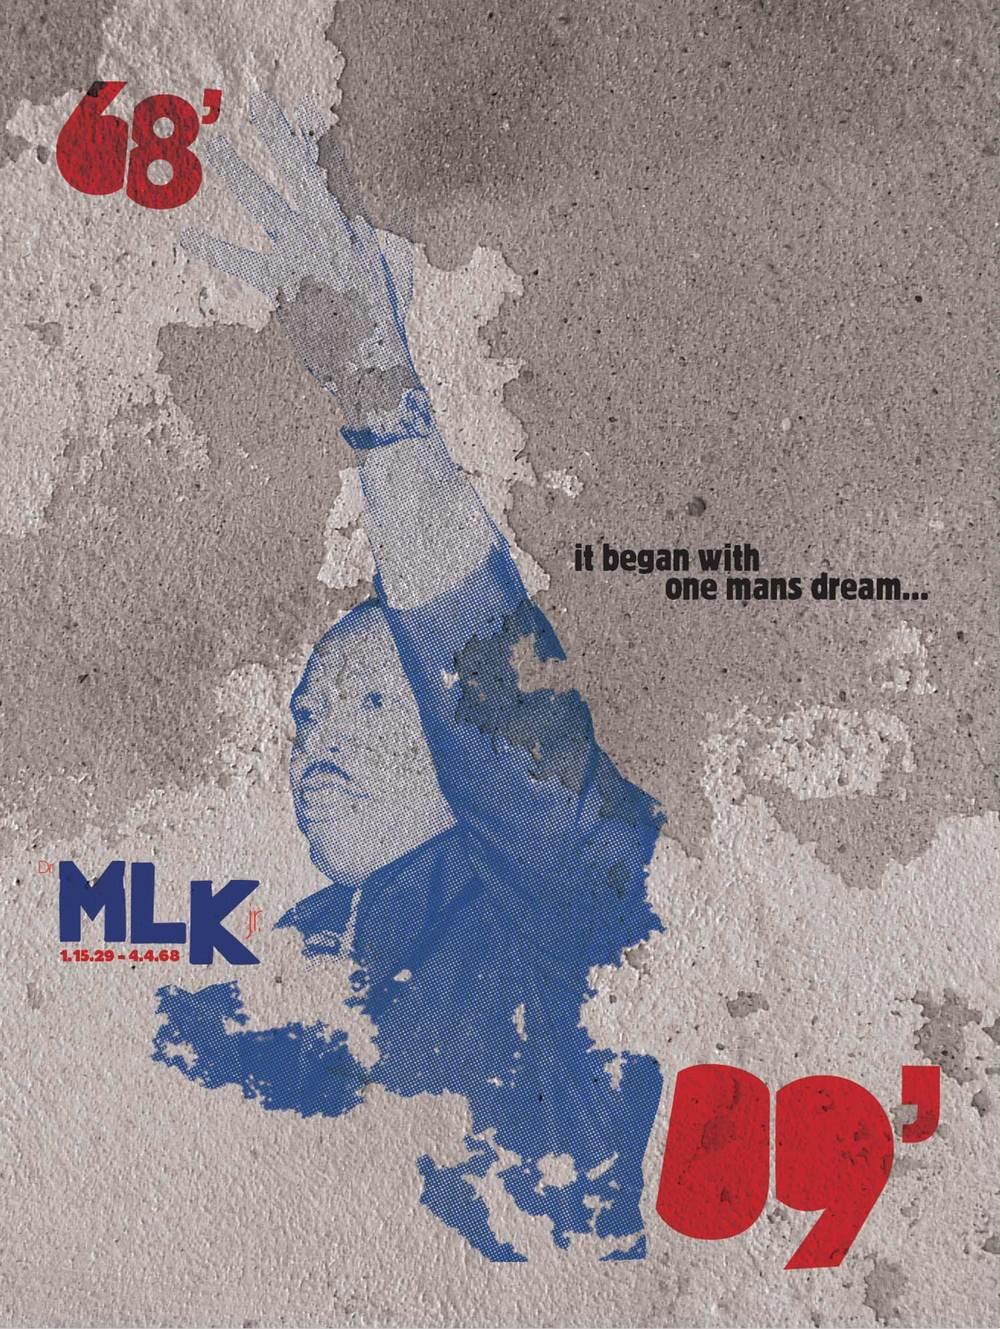 MLK-Tribute-1-of-3.jpg